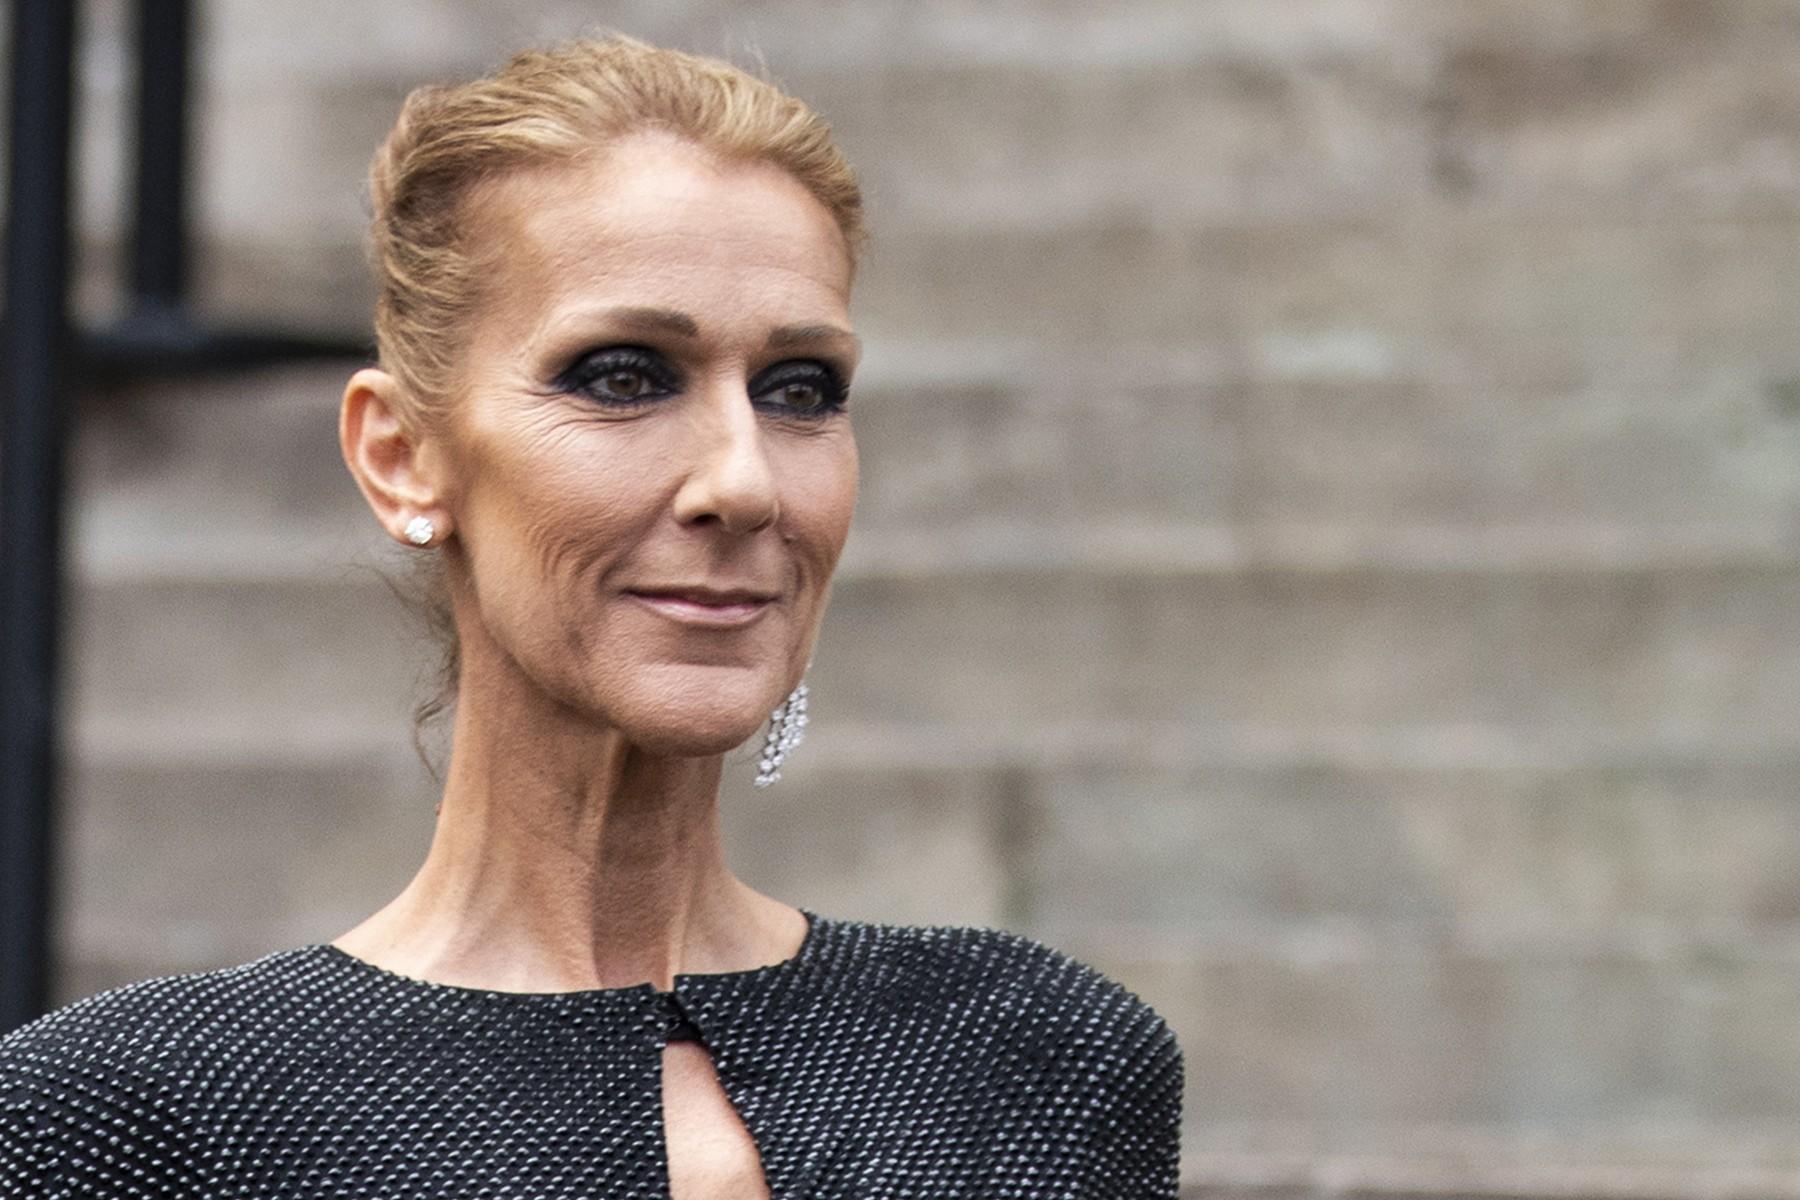 Селин Дион и в 50 может гулять по Парижу в прозрачном топе